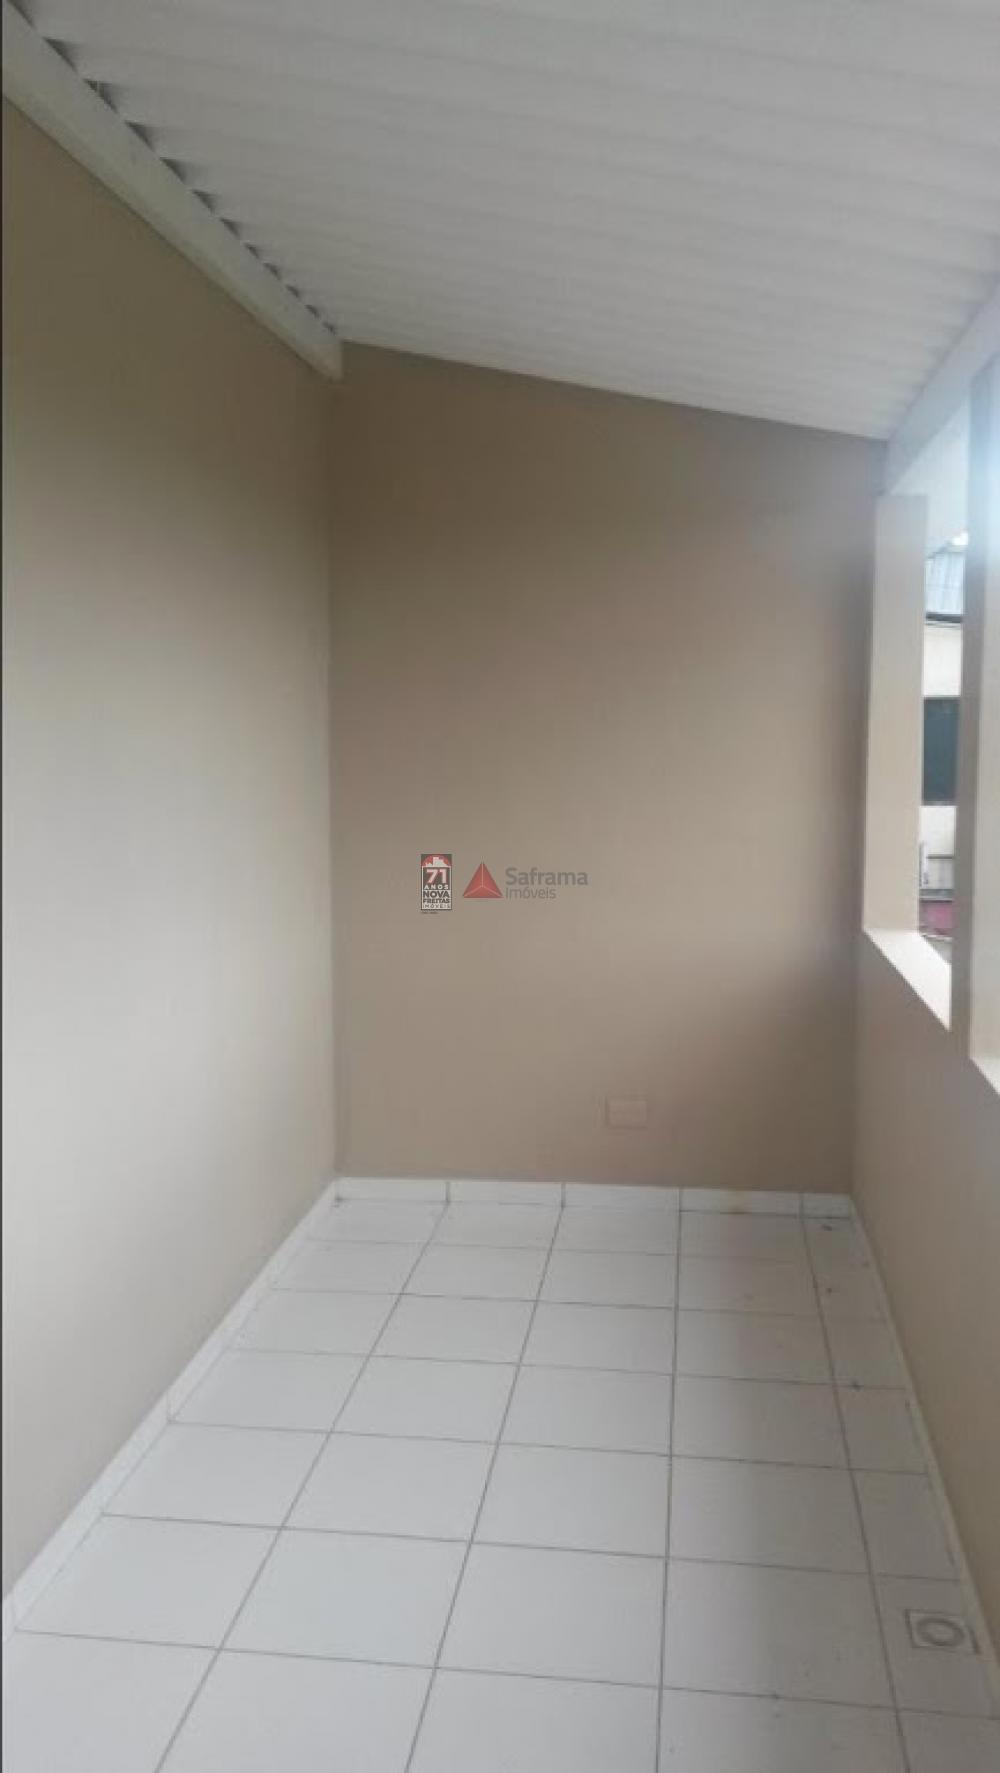 Alugar Comercial / Prédio em São José dos Campos R$ 7.000,00 - Foto 11